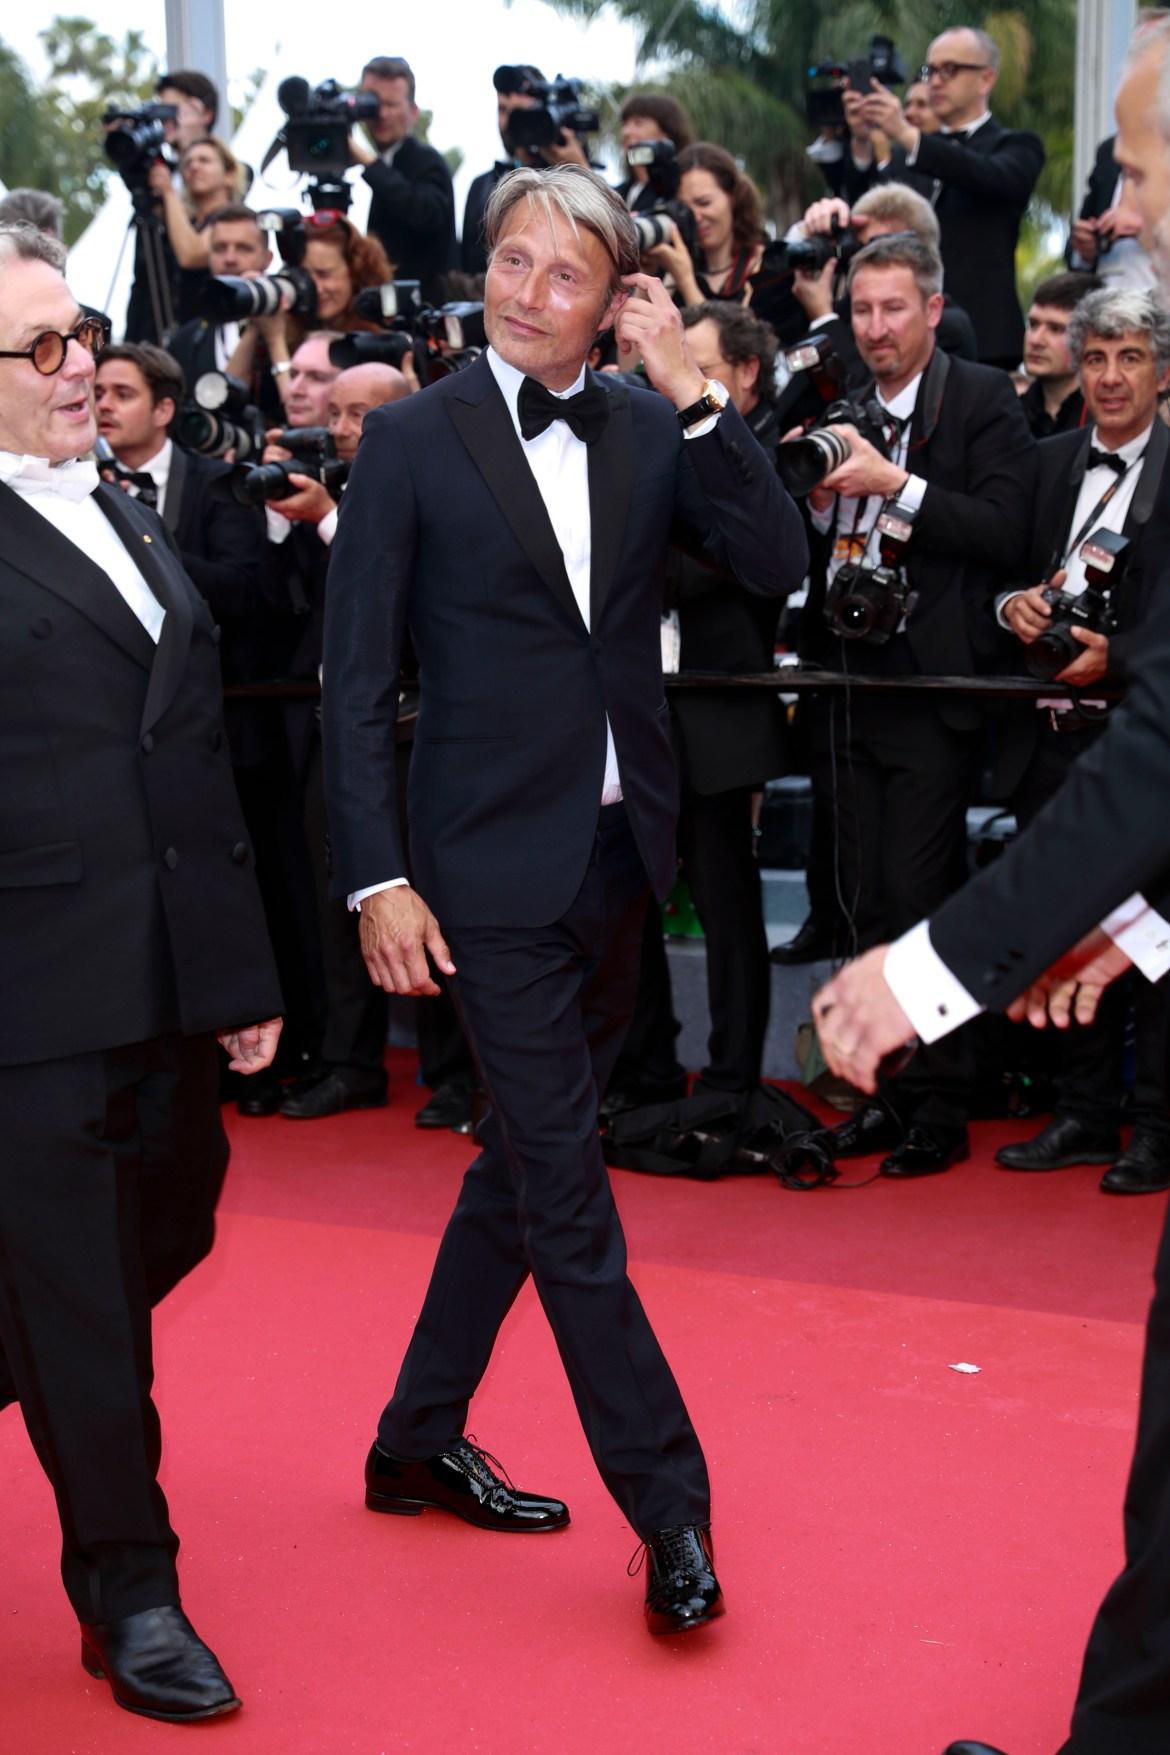 L'acteur et membre du jury Mads Mikkelsen (Hannibal, Casino Royale) portait une montre Montblanc Heritage Chronometrie Exo Tourbillon ainsi que des boutons de manchettes Montblanc de style contemporain en acier fin et emblème Montblanc gravé.